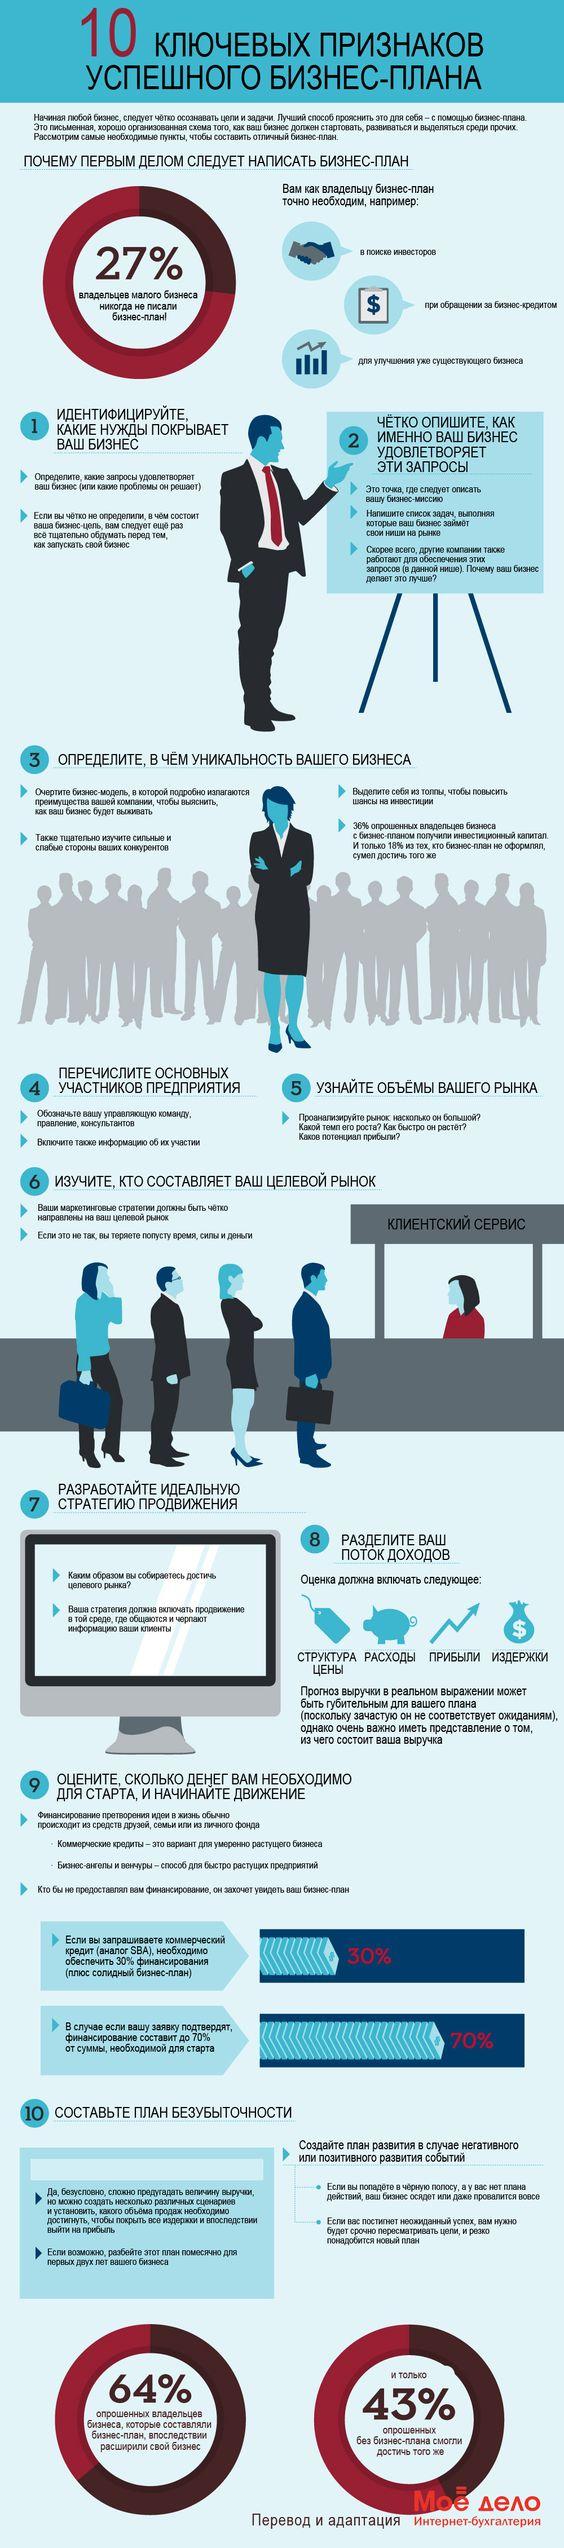 10 ключевых признаков успешного бизнес-плана: